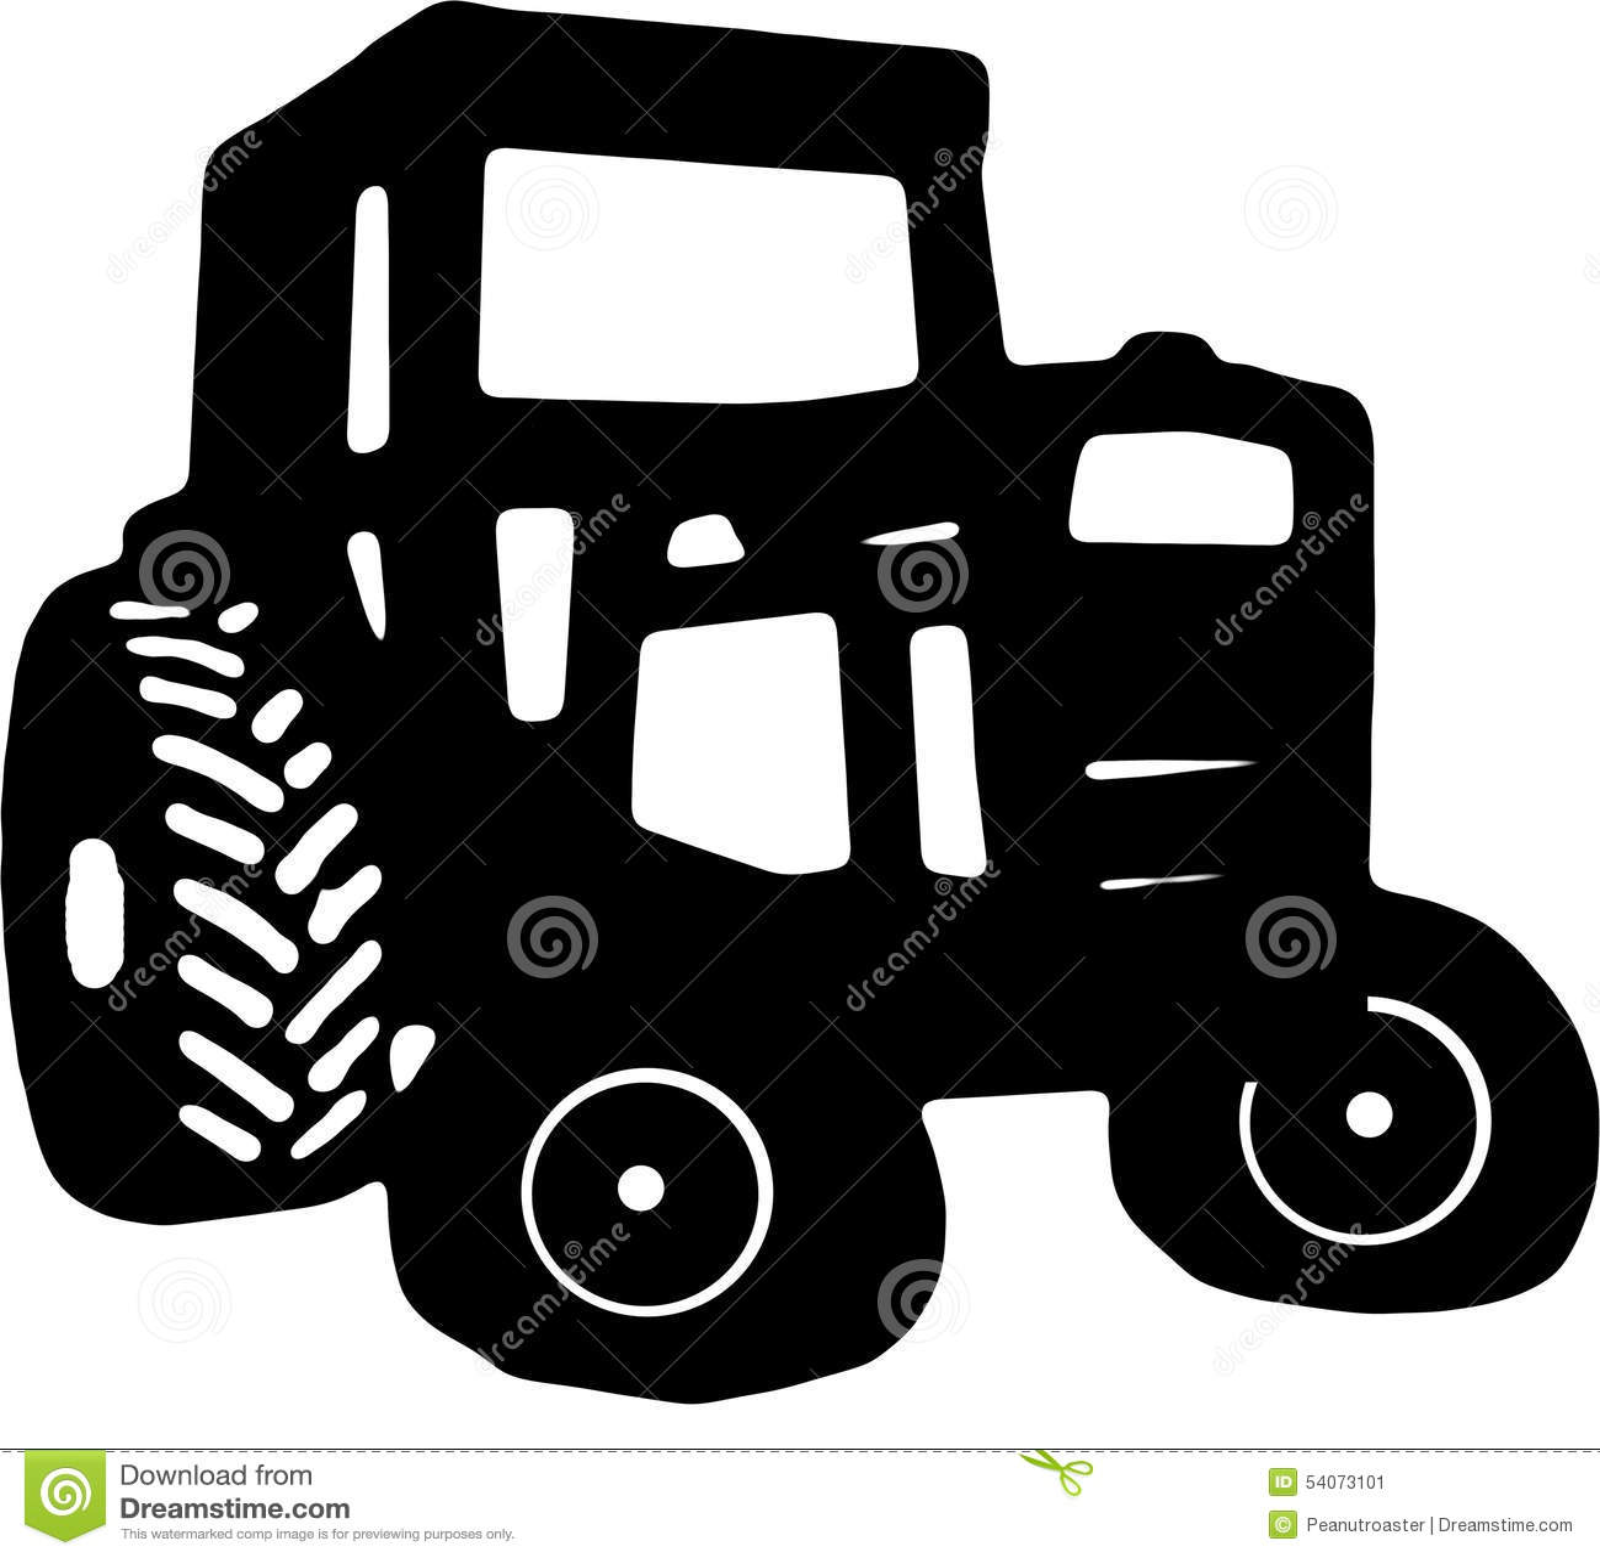 Dessin d 39 ic ne de tracteur illustration stock - Dessin d un tracteur ...